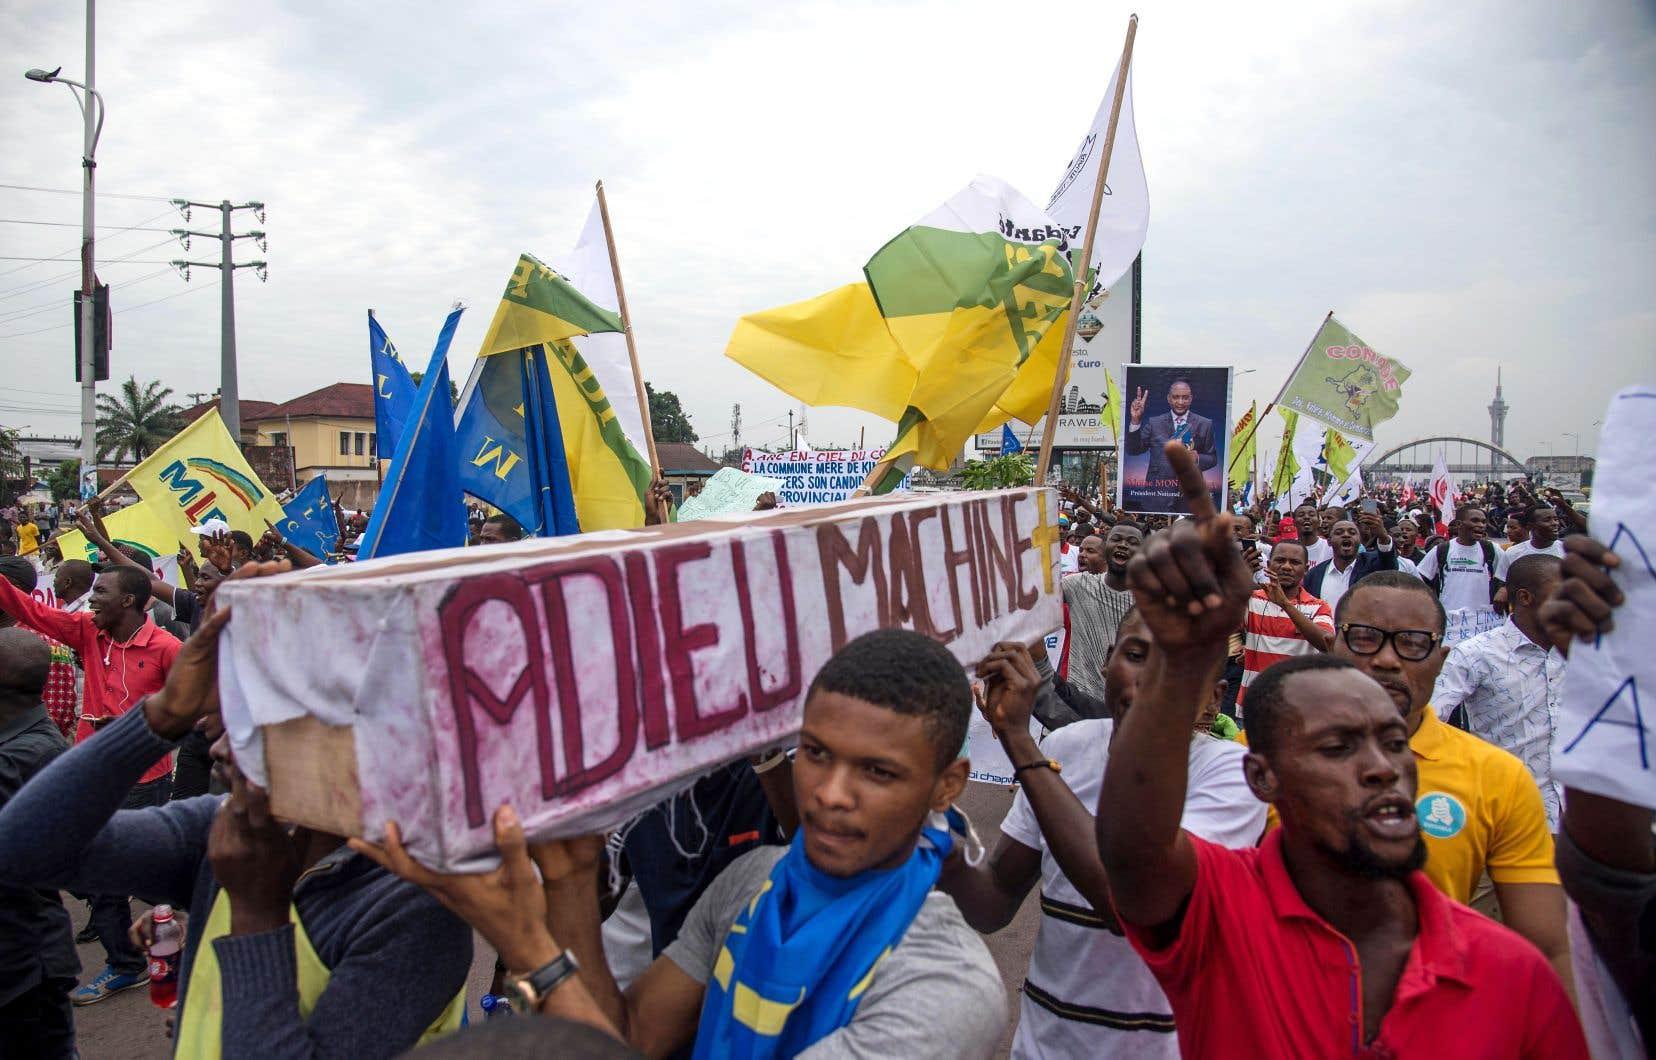 Des partisans de l'opposition réunis à Kinshasa portent un cercueil disant «Adieu à la machine à voter» pour protester contre un processus électoral qu'ils estiment frauduleux.